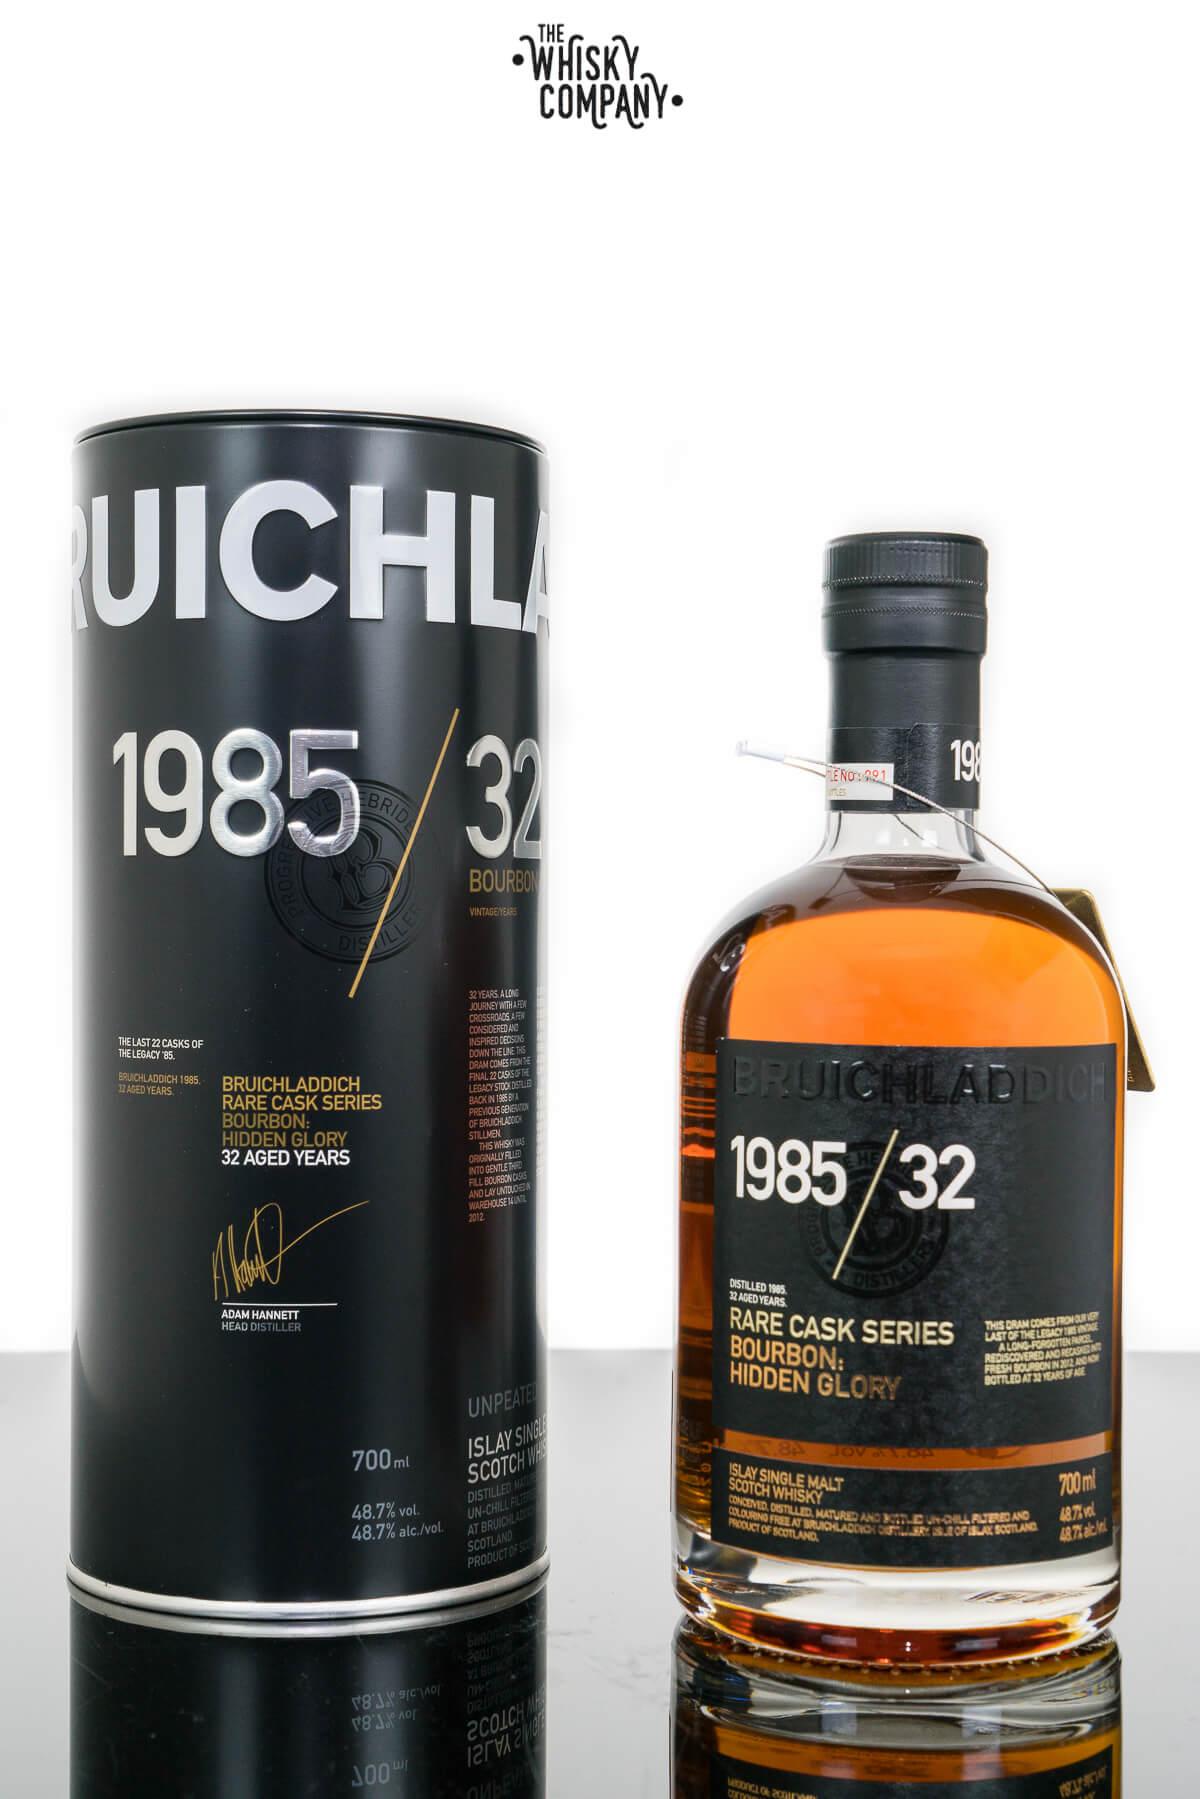 Bruichladdich 32 Years Old 1985 Islay Single Malt Scotch Whisky (700ml)